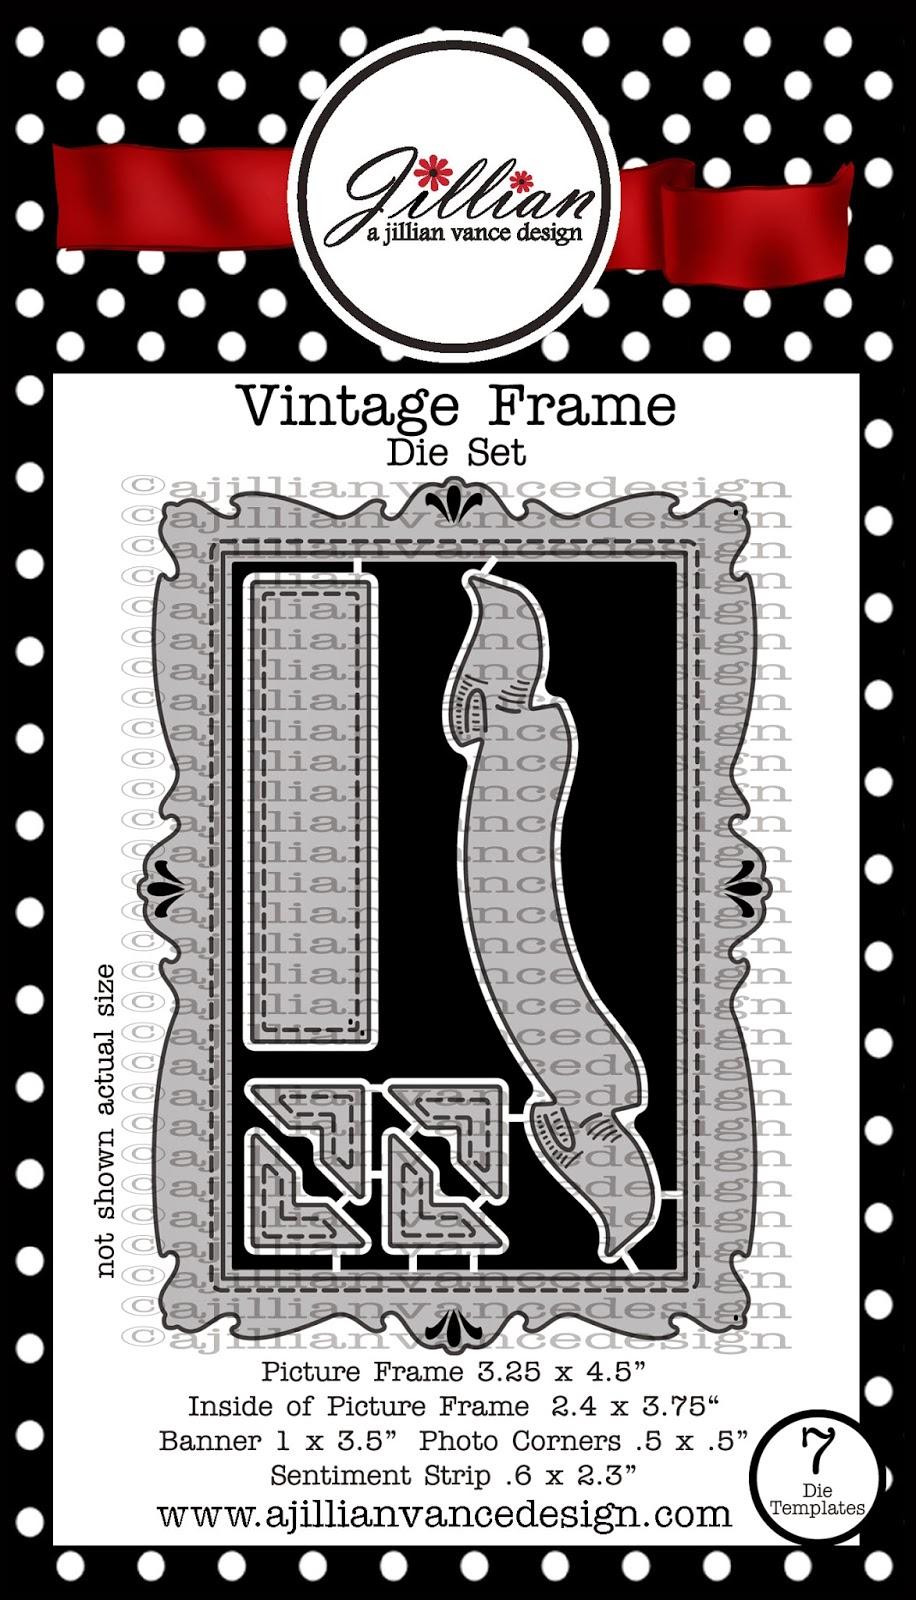 Vintage Frame Dies